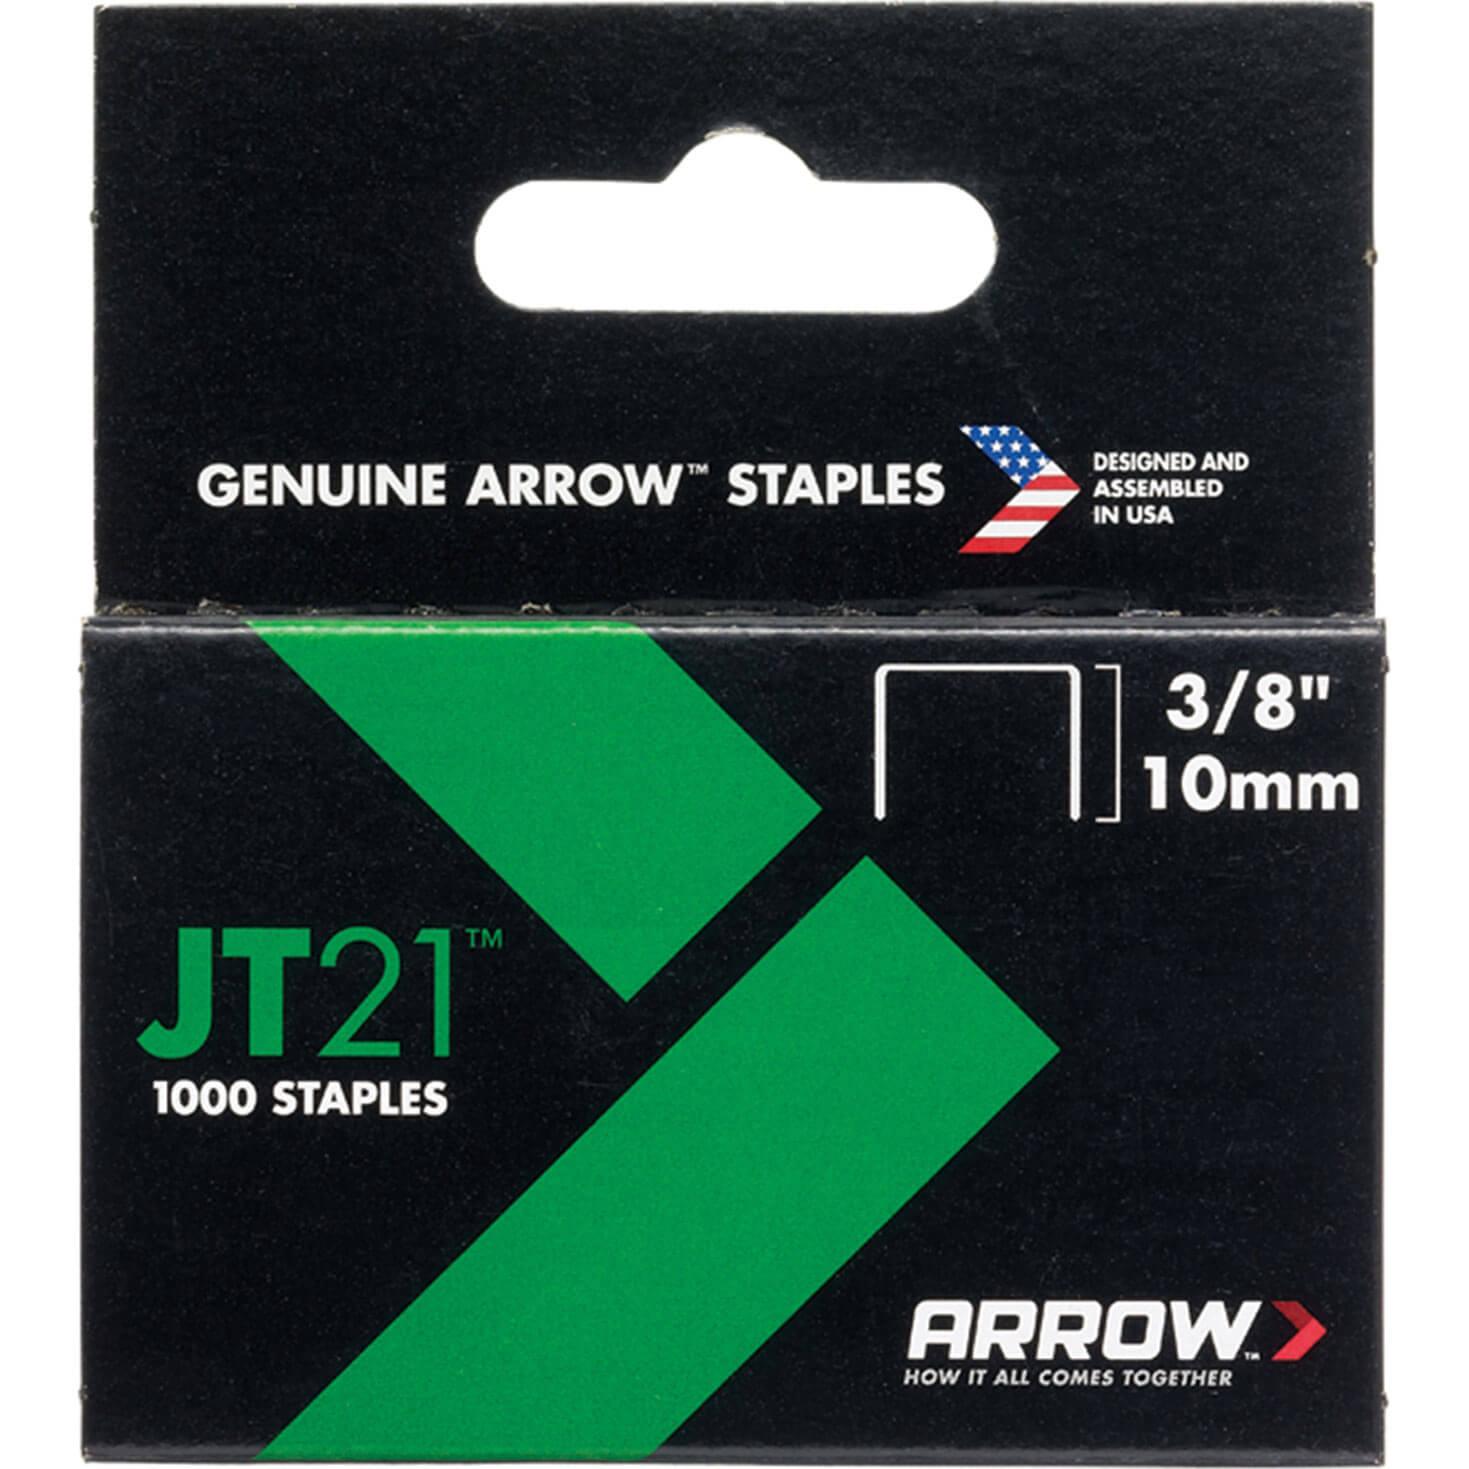 Arrow Staples for JT21 / T27 Staple Guns 10mm Pack of 1000